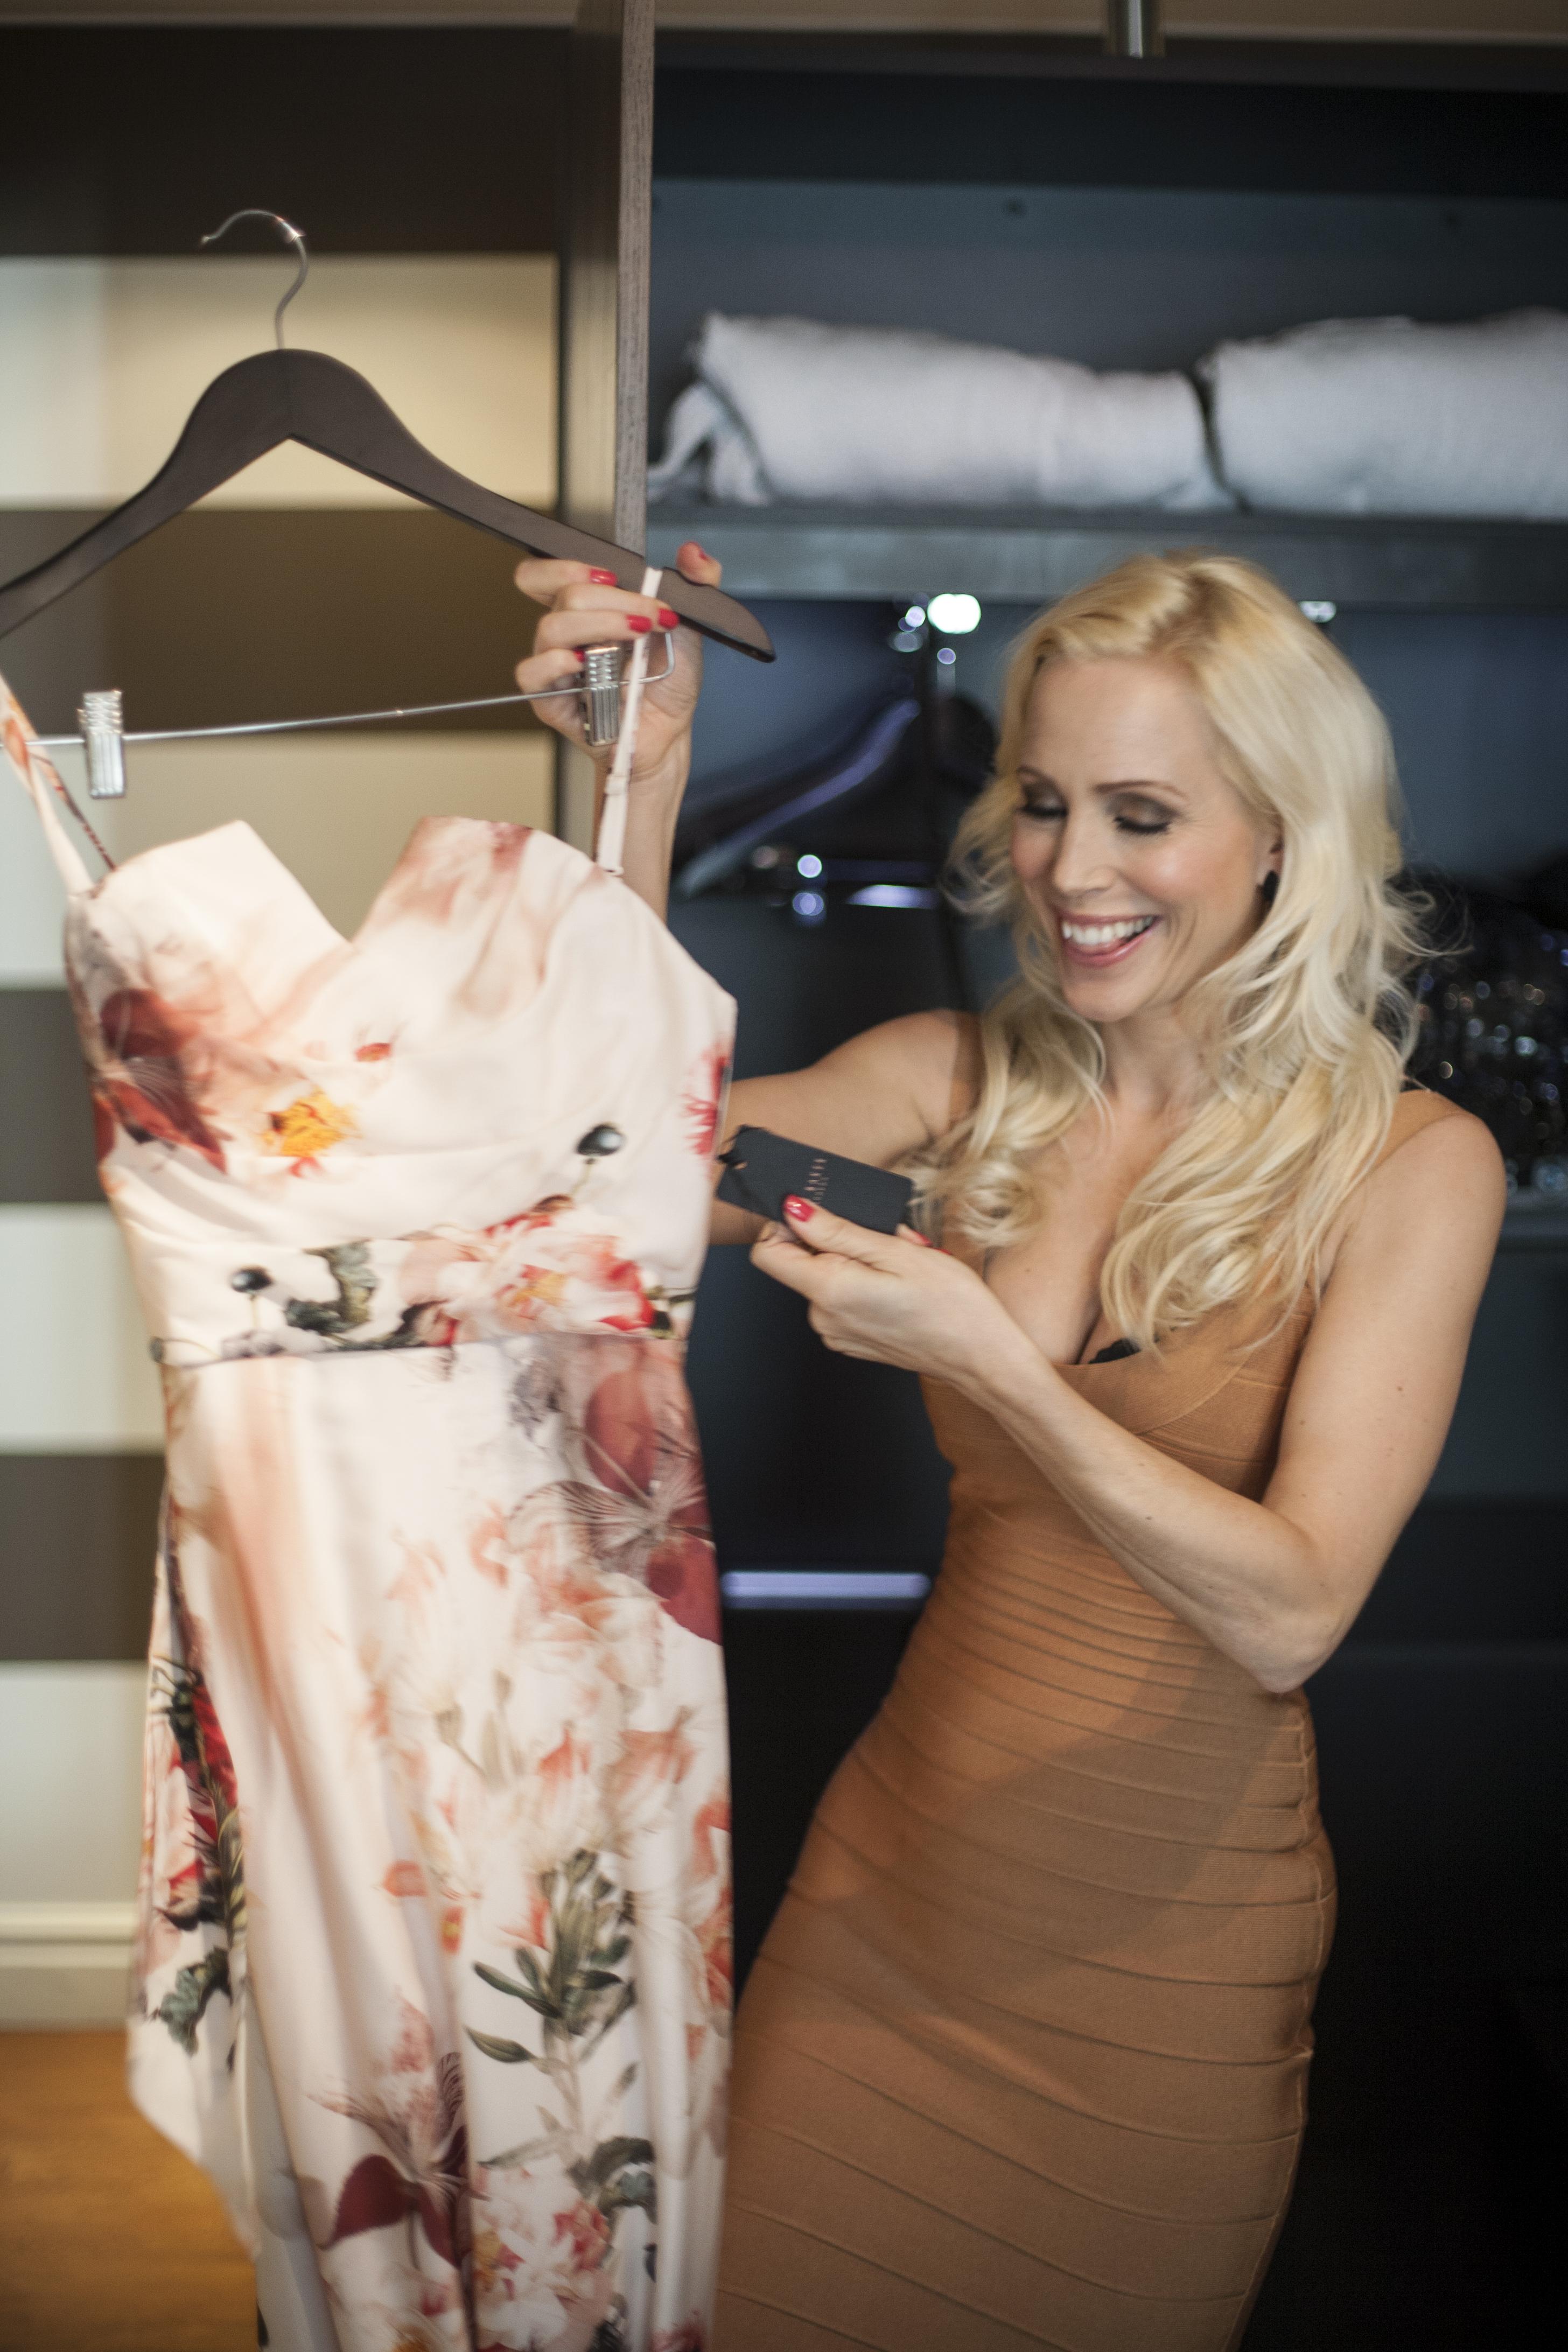 """Priset spelar ingen roll för Caroline. Hon har sålt fastigheter för 11 miljarder och kallas för """"Million dollar lady"""" i USA."""